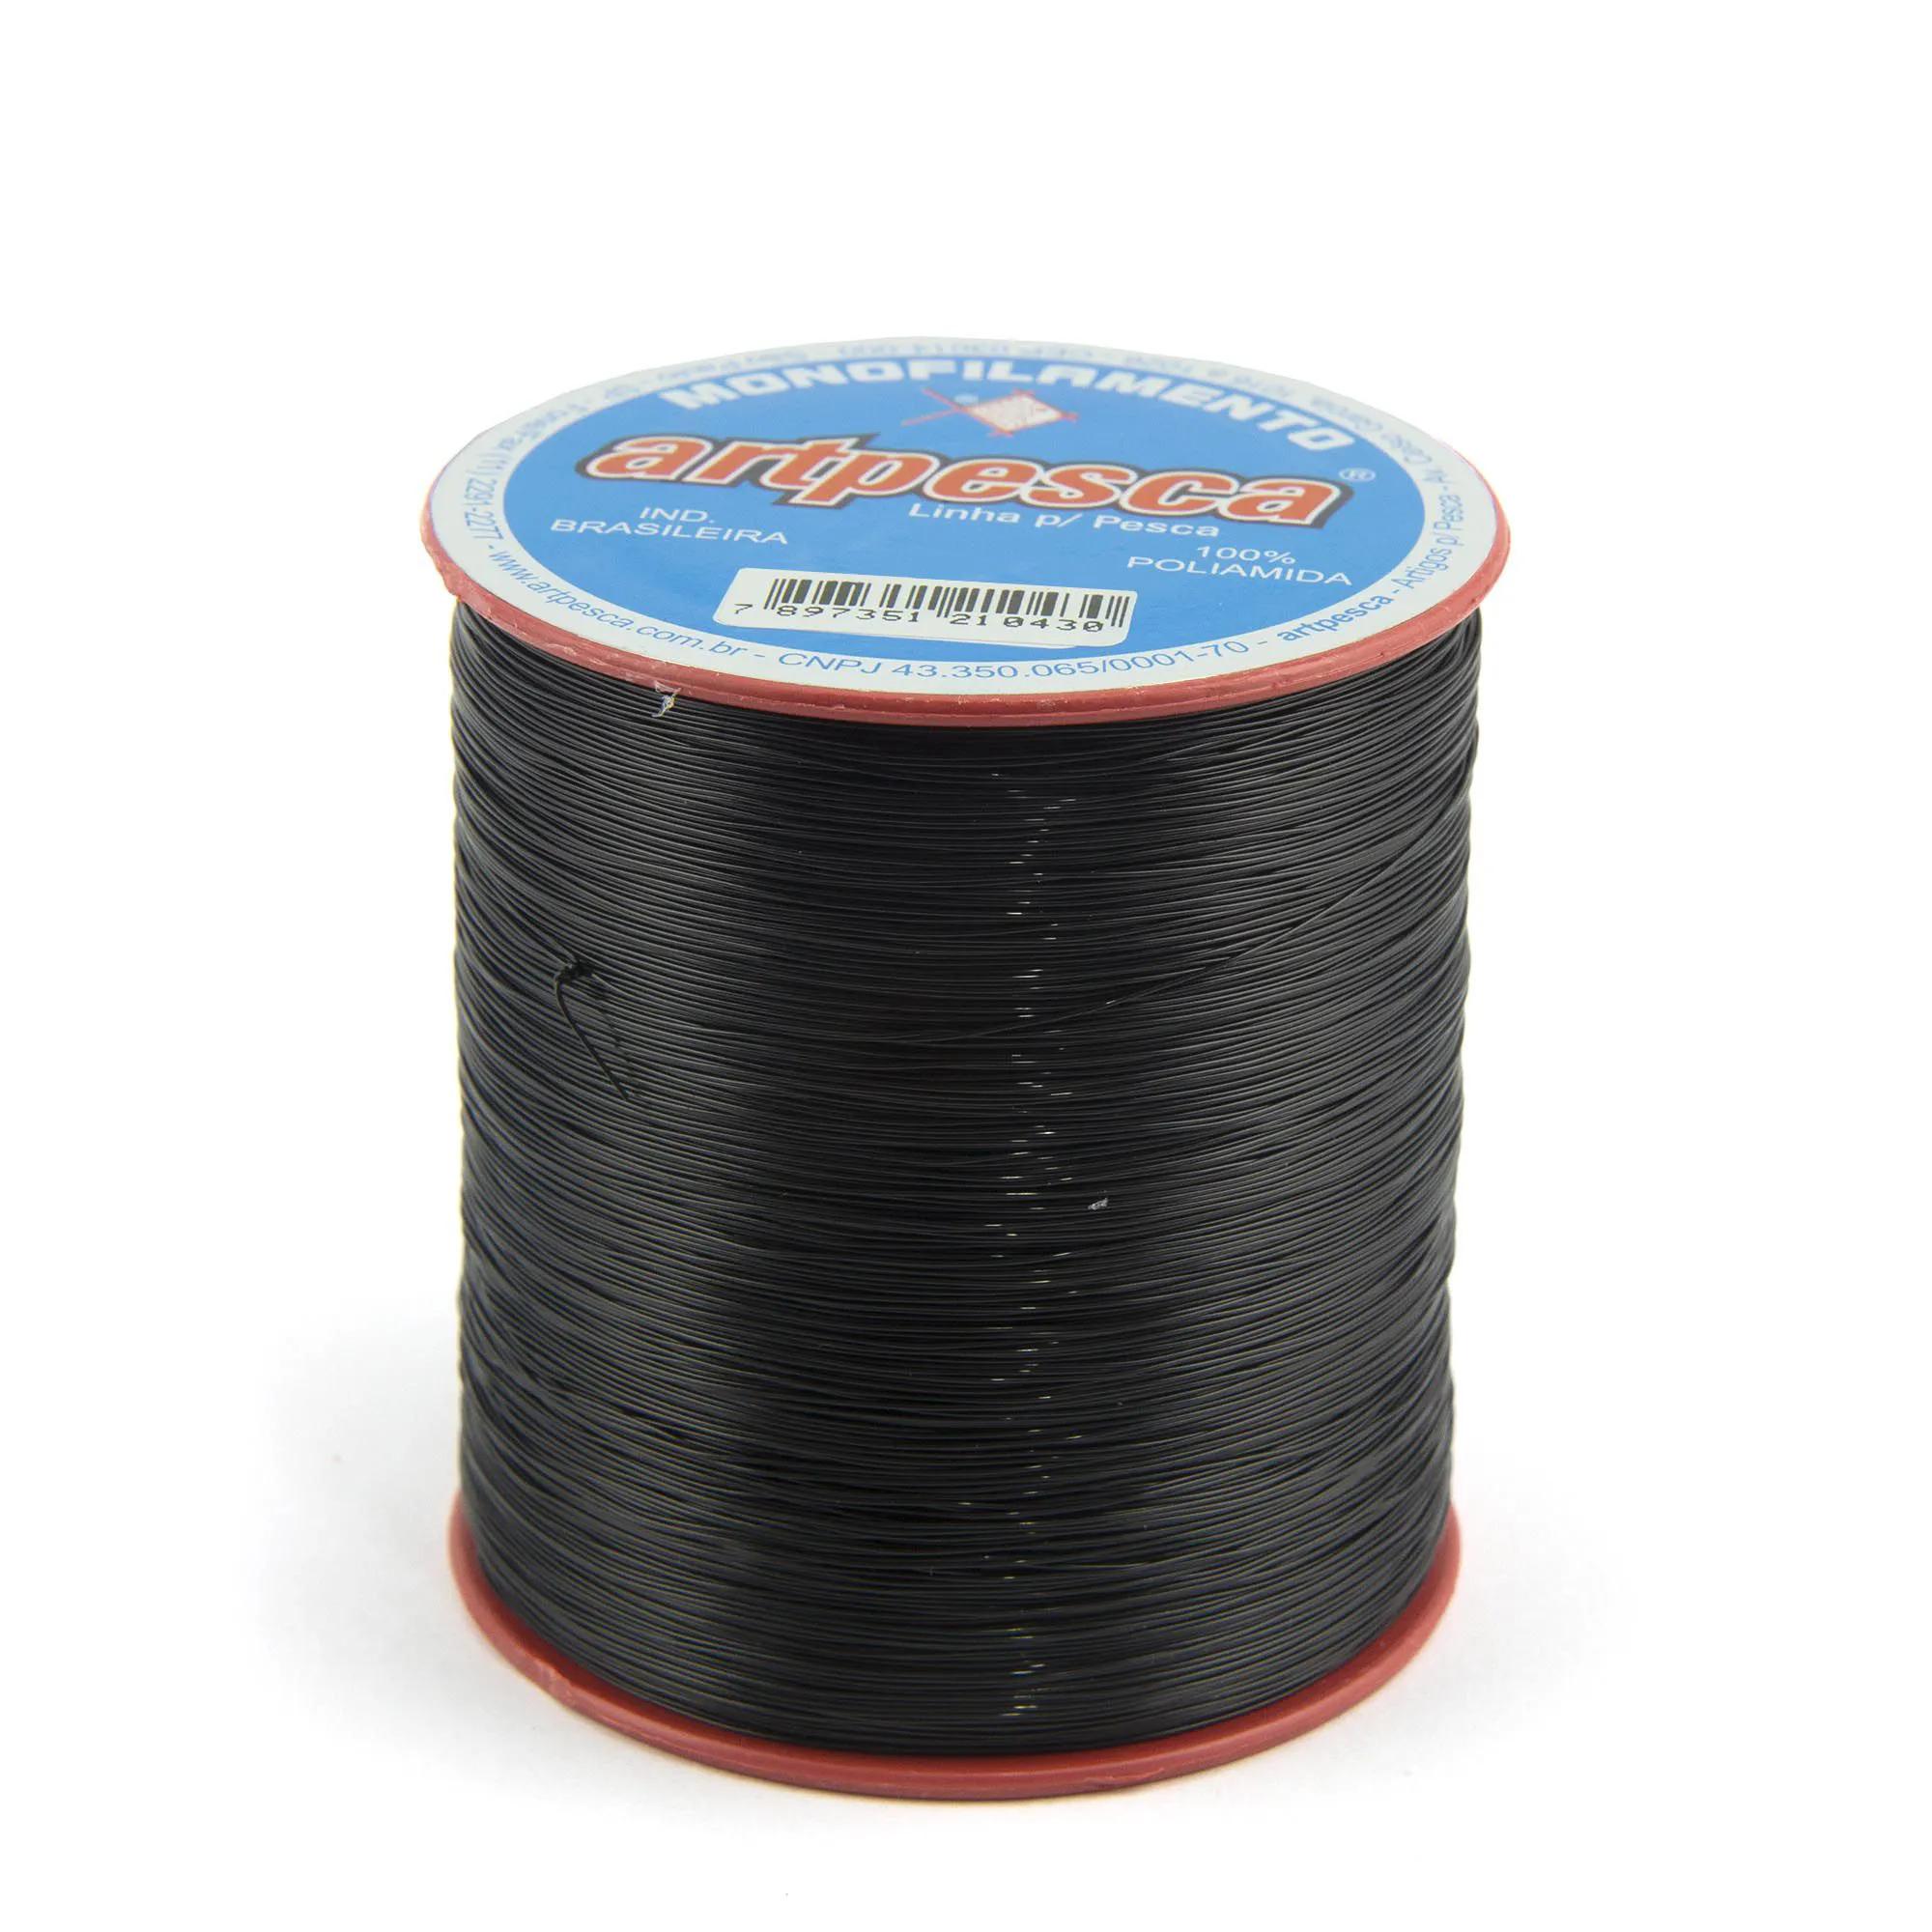 Linha de Nylon Artpesca Preta 0,35mm - 1 unidades com 100gr  - Artpesca